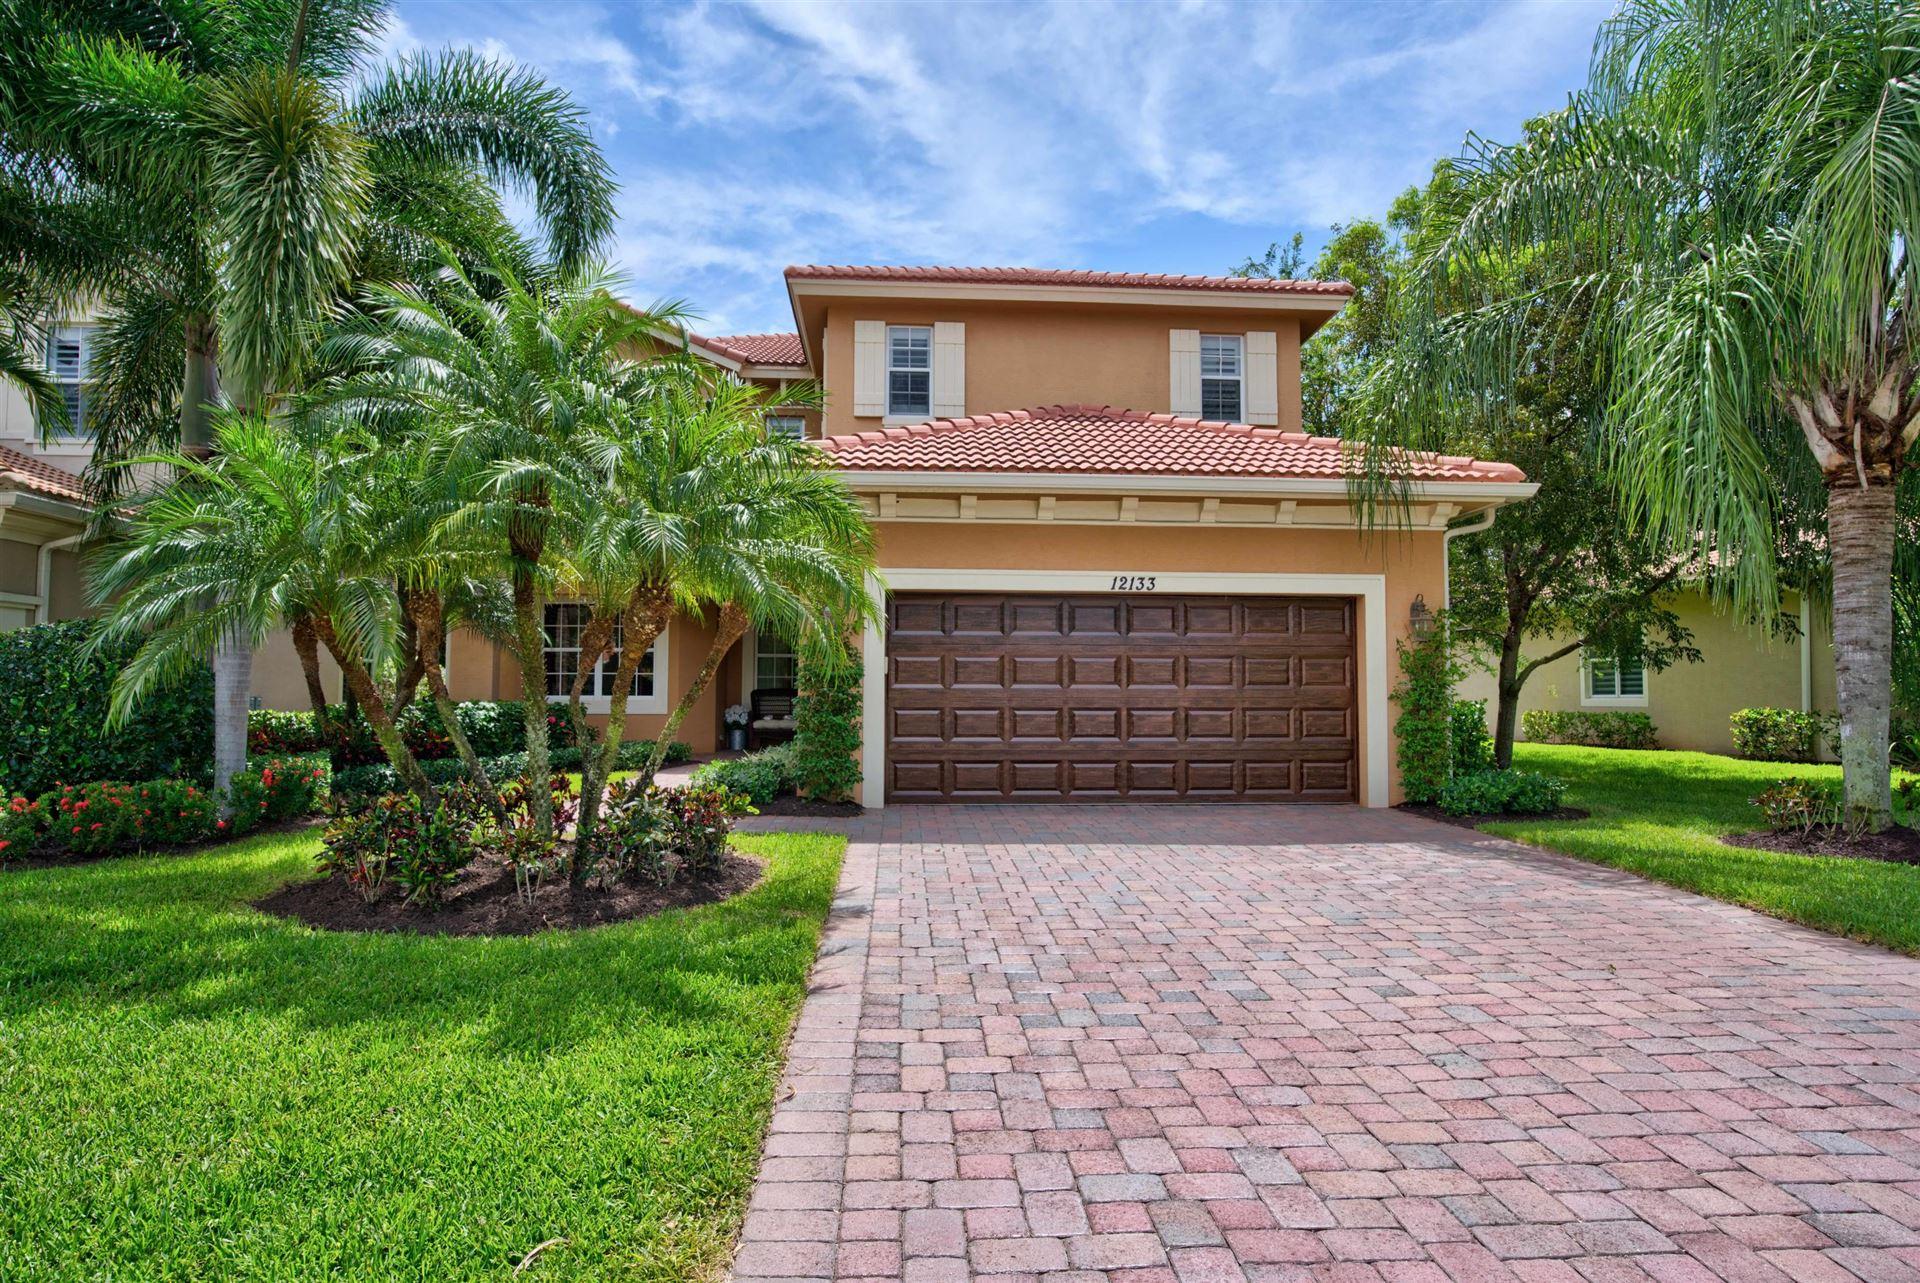 12133 Aviles Circle, Palm Beach Gardens, FL 33418 - #: RX-10646782